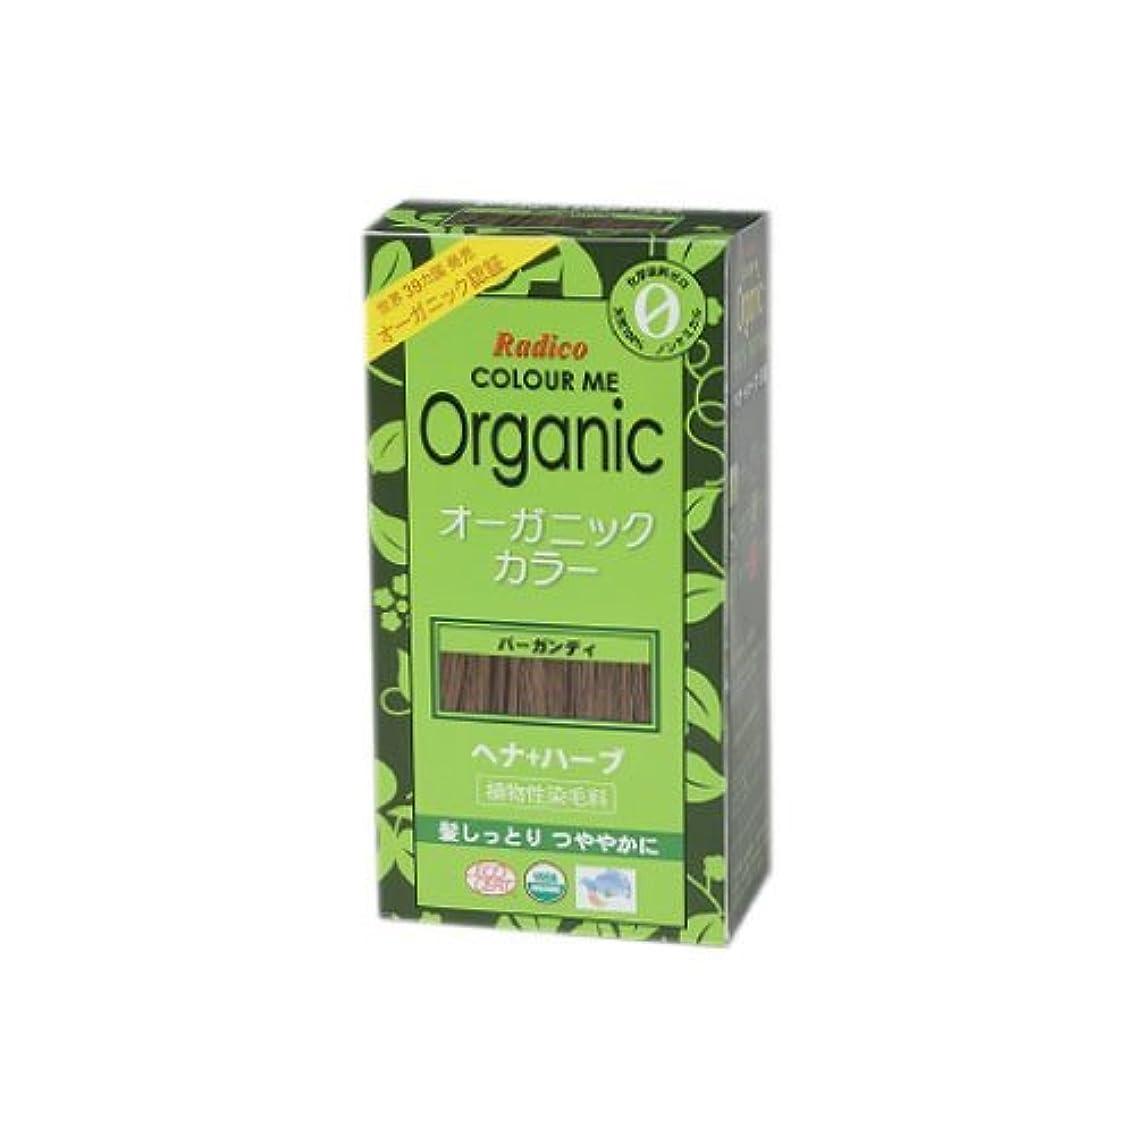 洗練雇用者あるCOLOURME Organic (カラーミーオーガニック ヘナ 白髪用) バーガンディ 100g